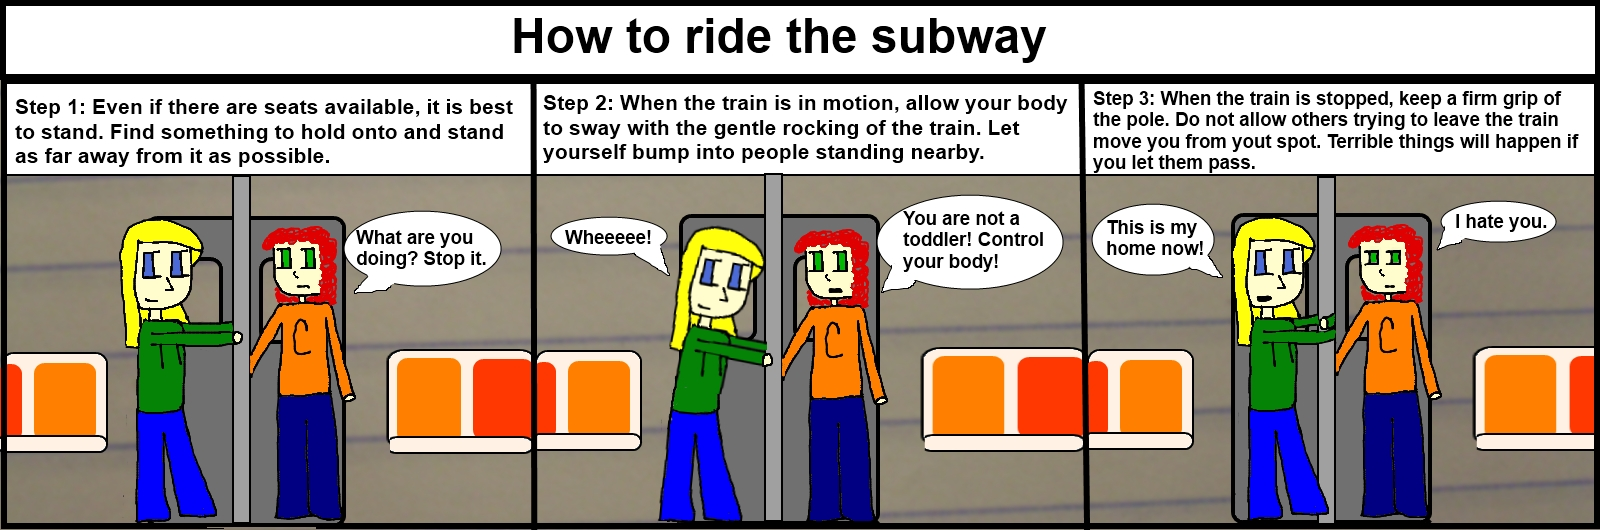 Subway Riding Tips